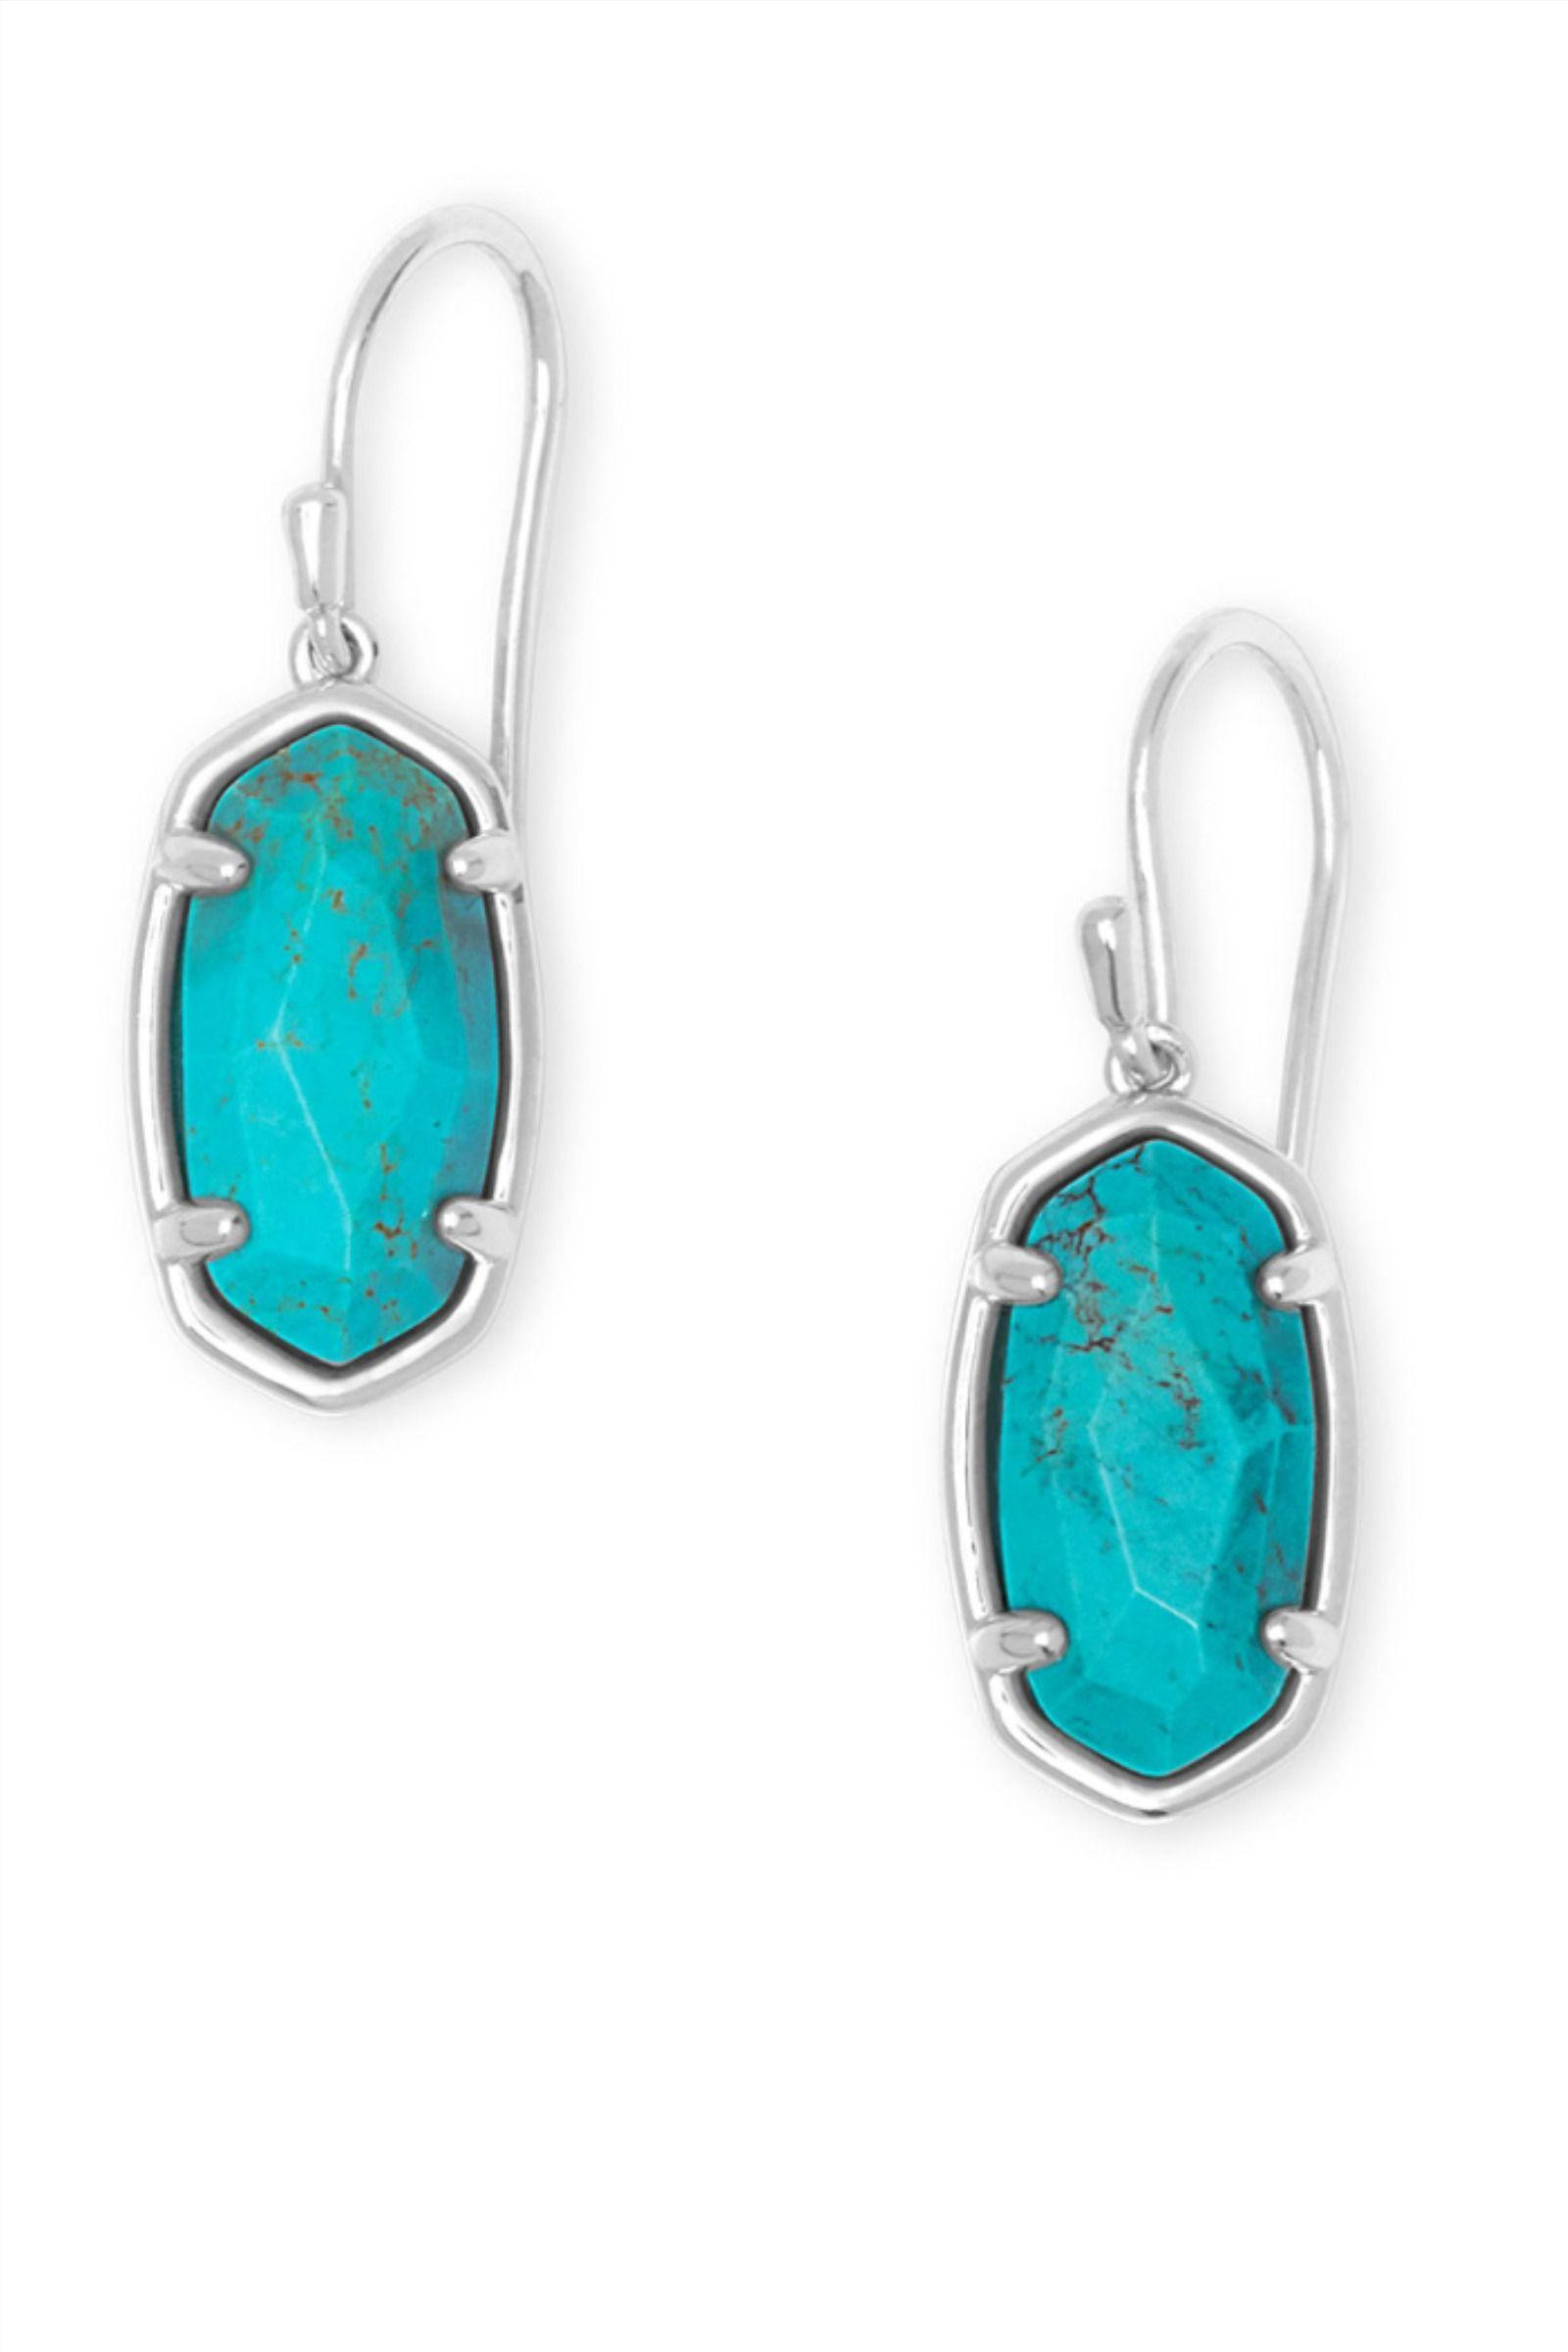 Sterling Silver Jewelry Turquoise Earrings Silver Drop Earrings Genuine Turquoise Sterling Silver Drop Earrings